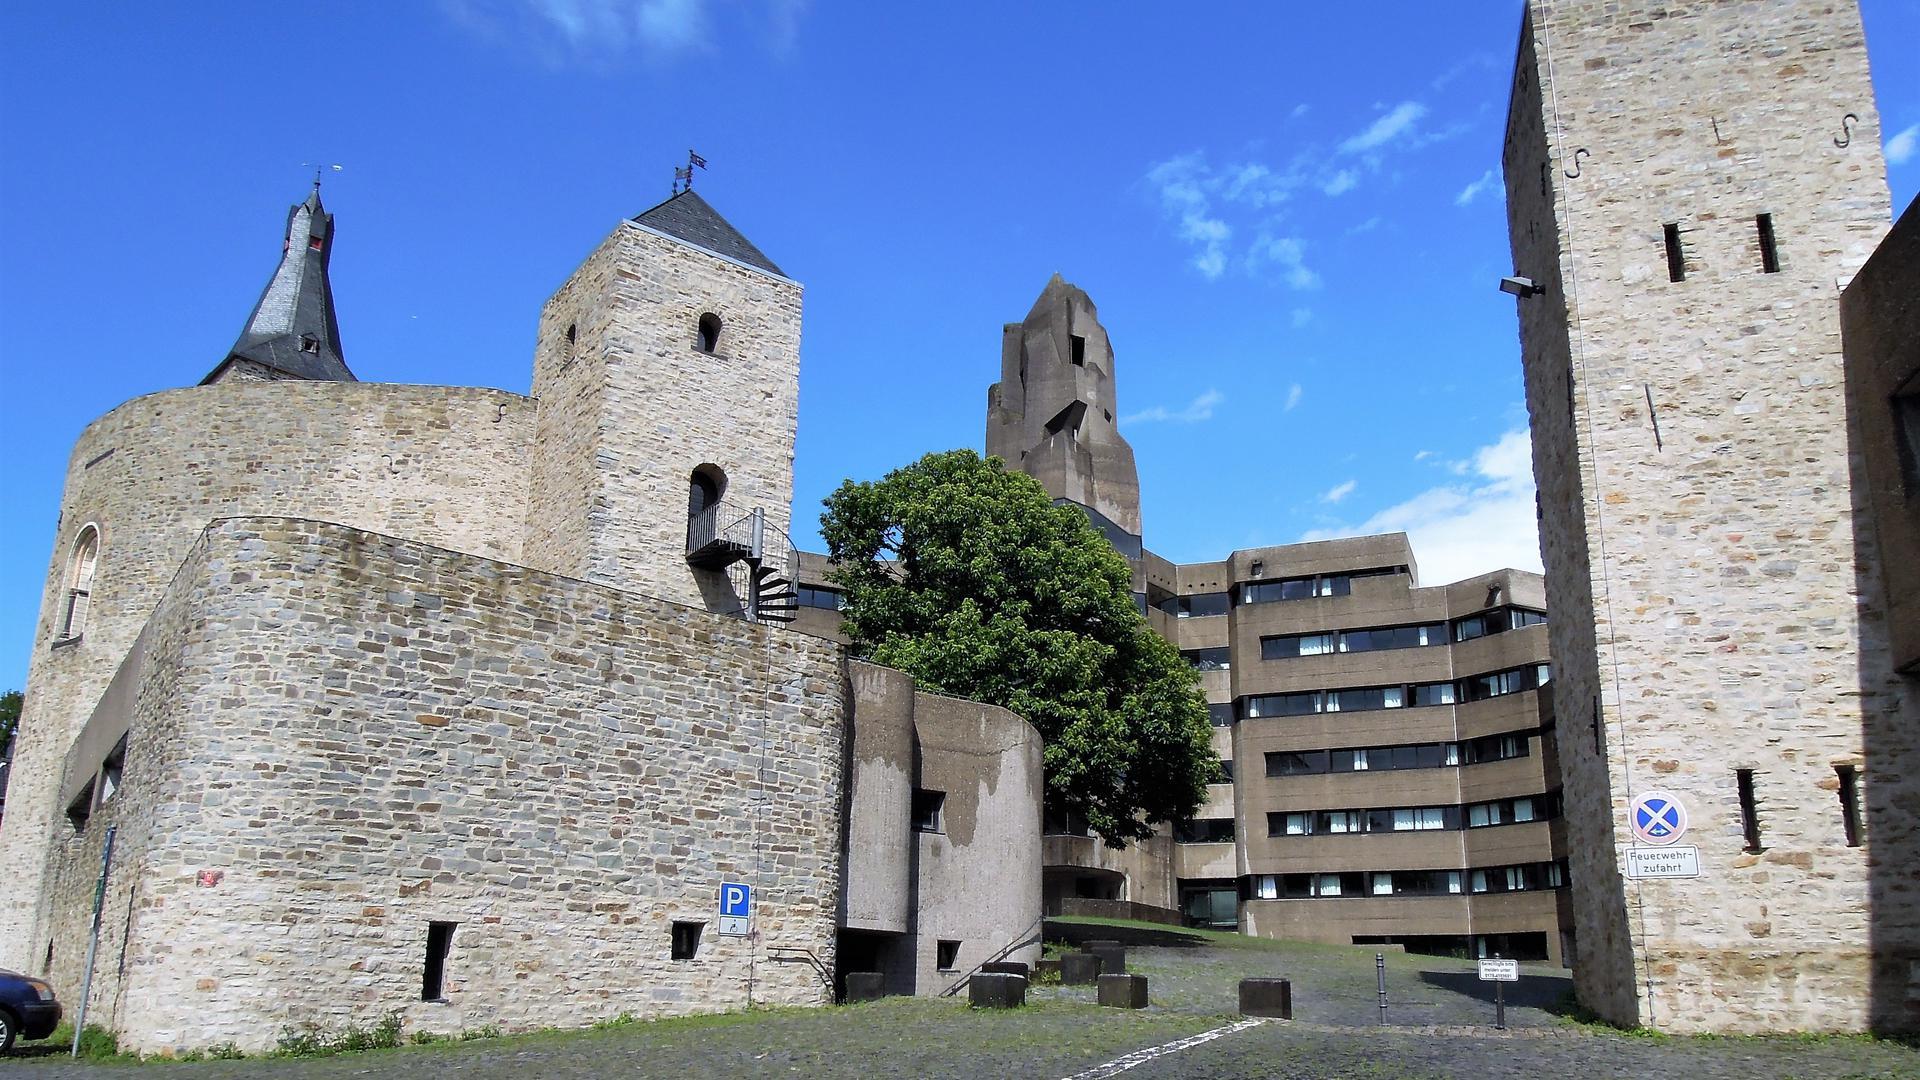 Moderne Akropolis: Das Bensberger Rathaus, das über den Ruinen einer mittelalterlichen Höhenburg entstand, ist heute Pilgerstätte für Architekturbegeisterte.